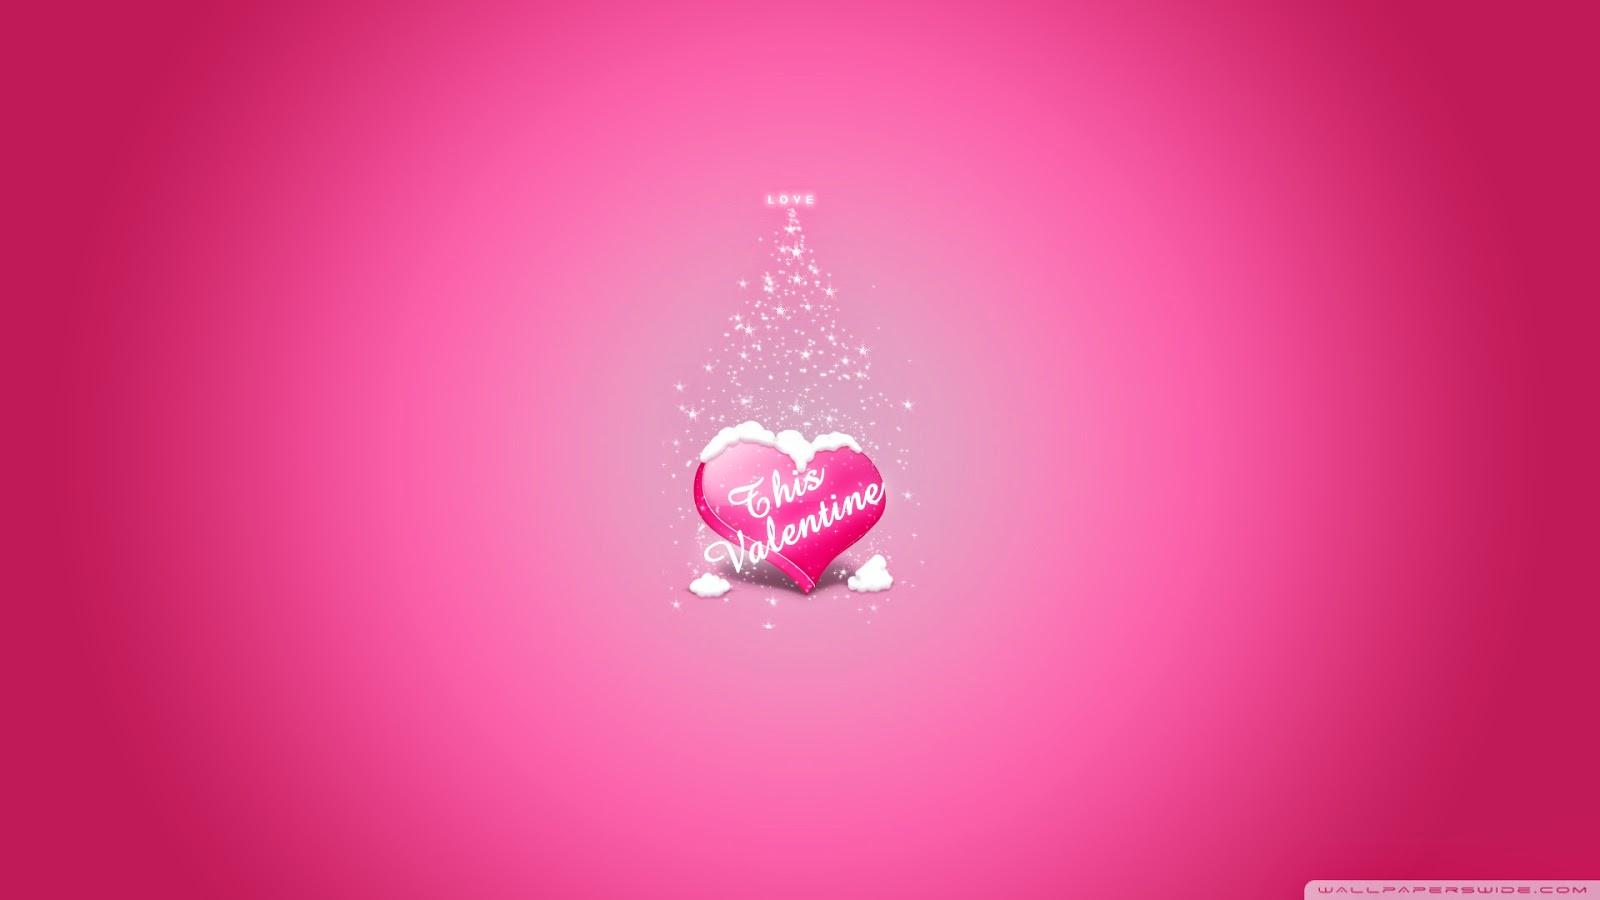 Top 10 Happy Valentine Day Gifts for Boyfriend him 2015